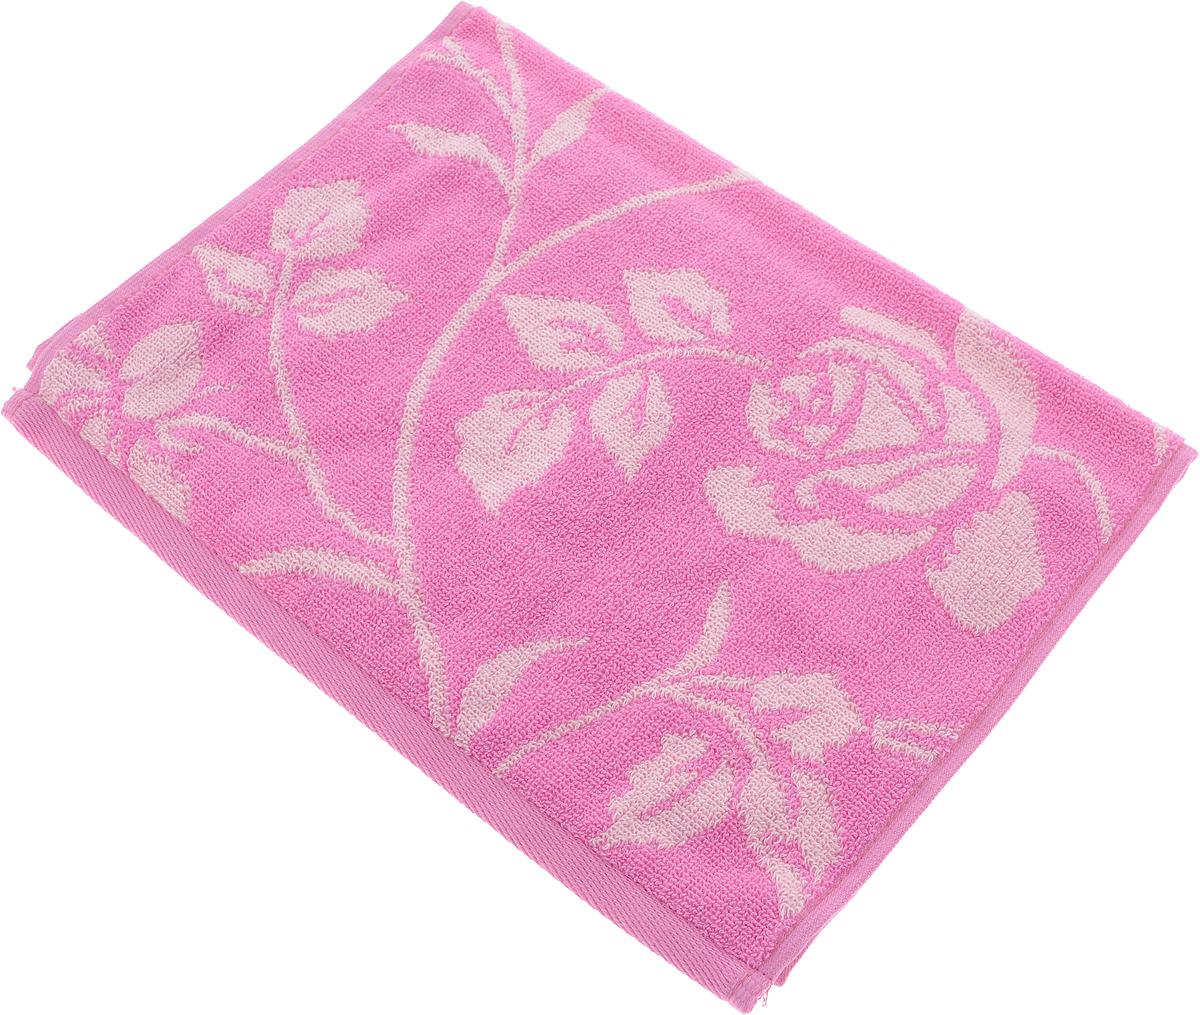 Полотенце Aquarelle Розы 2, цвет: розовый, орхидея, 35 х 70 см710658Махровое полотенце Aquarelle Розы 2 изготовлено из натурального 100% хлопка.Это мягкое и нежное полотенце добавит ярких красок и позитивного настроя в каждый день. Изделие отлично впитывает влагу, быстро сохнет, сохраняет яркость цвета даже после многократных стирок.